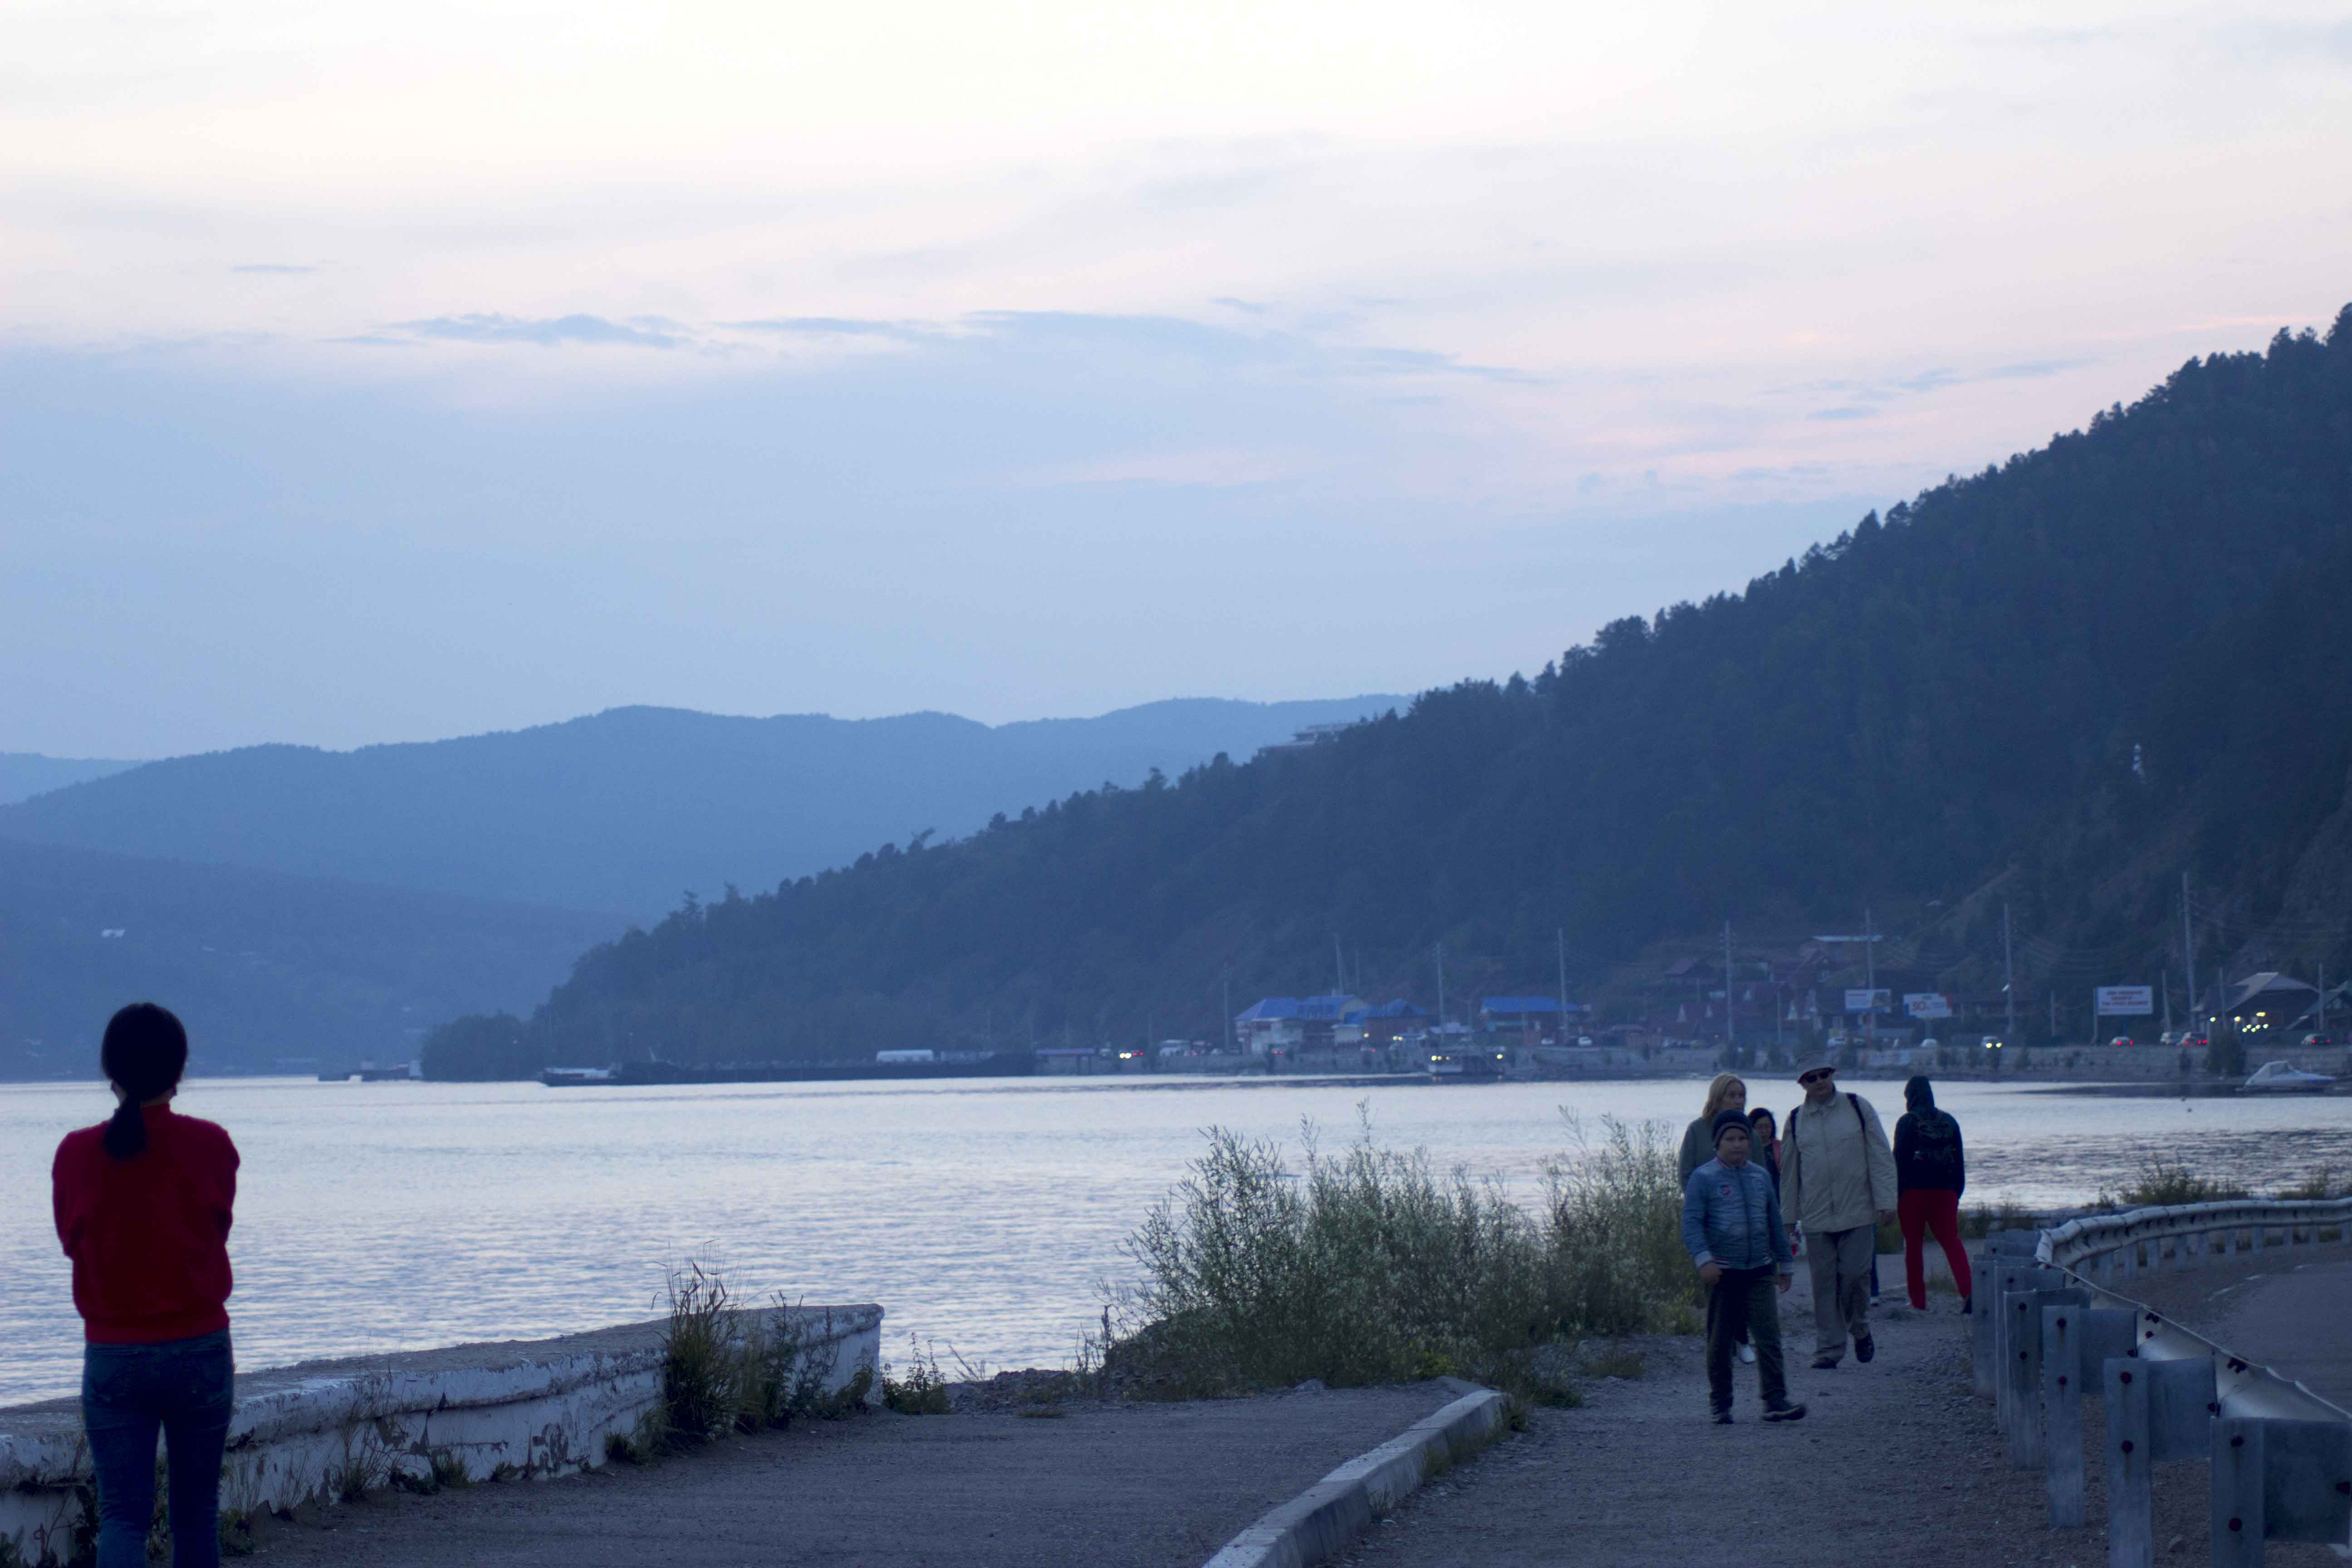 Прогулка по набережной Байкала. Листвянка